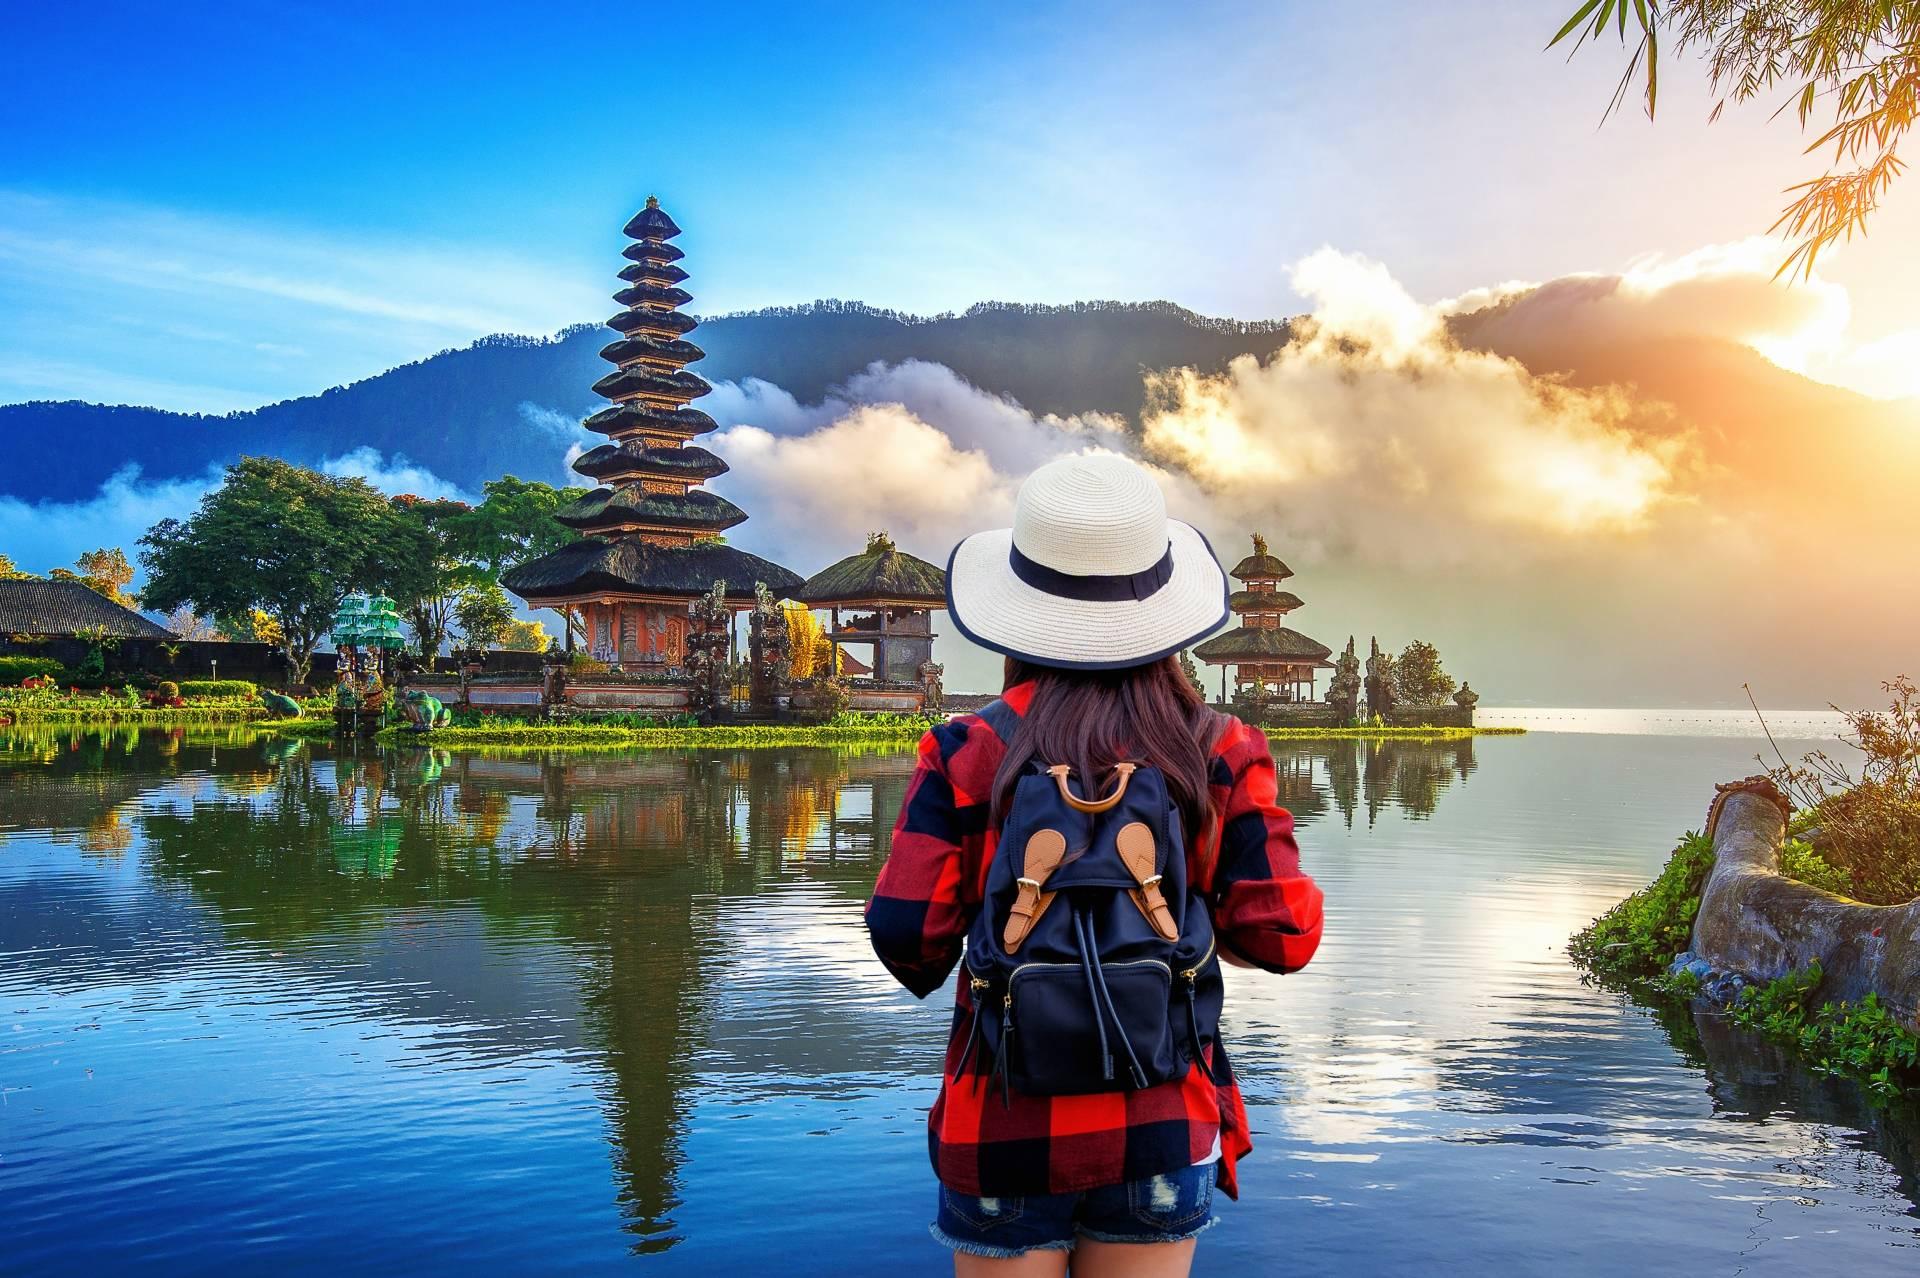 Podróżniczka backpakerka na Bali. Leki homeopatyczne dla podróżnika.